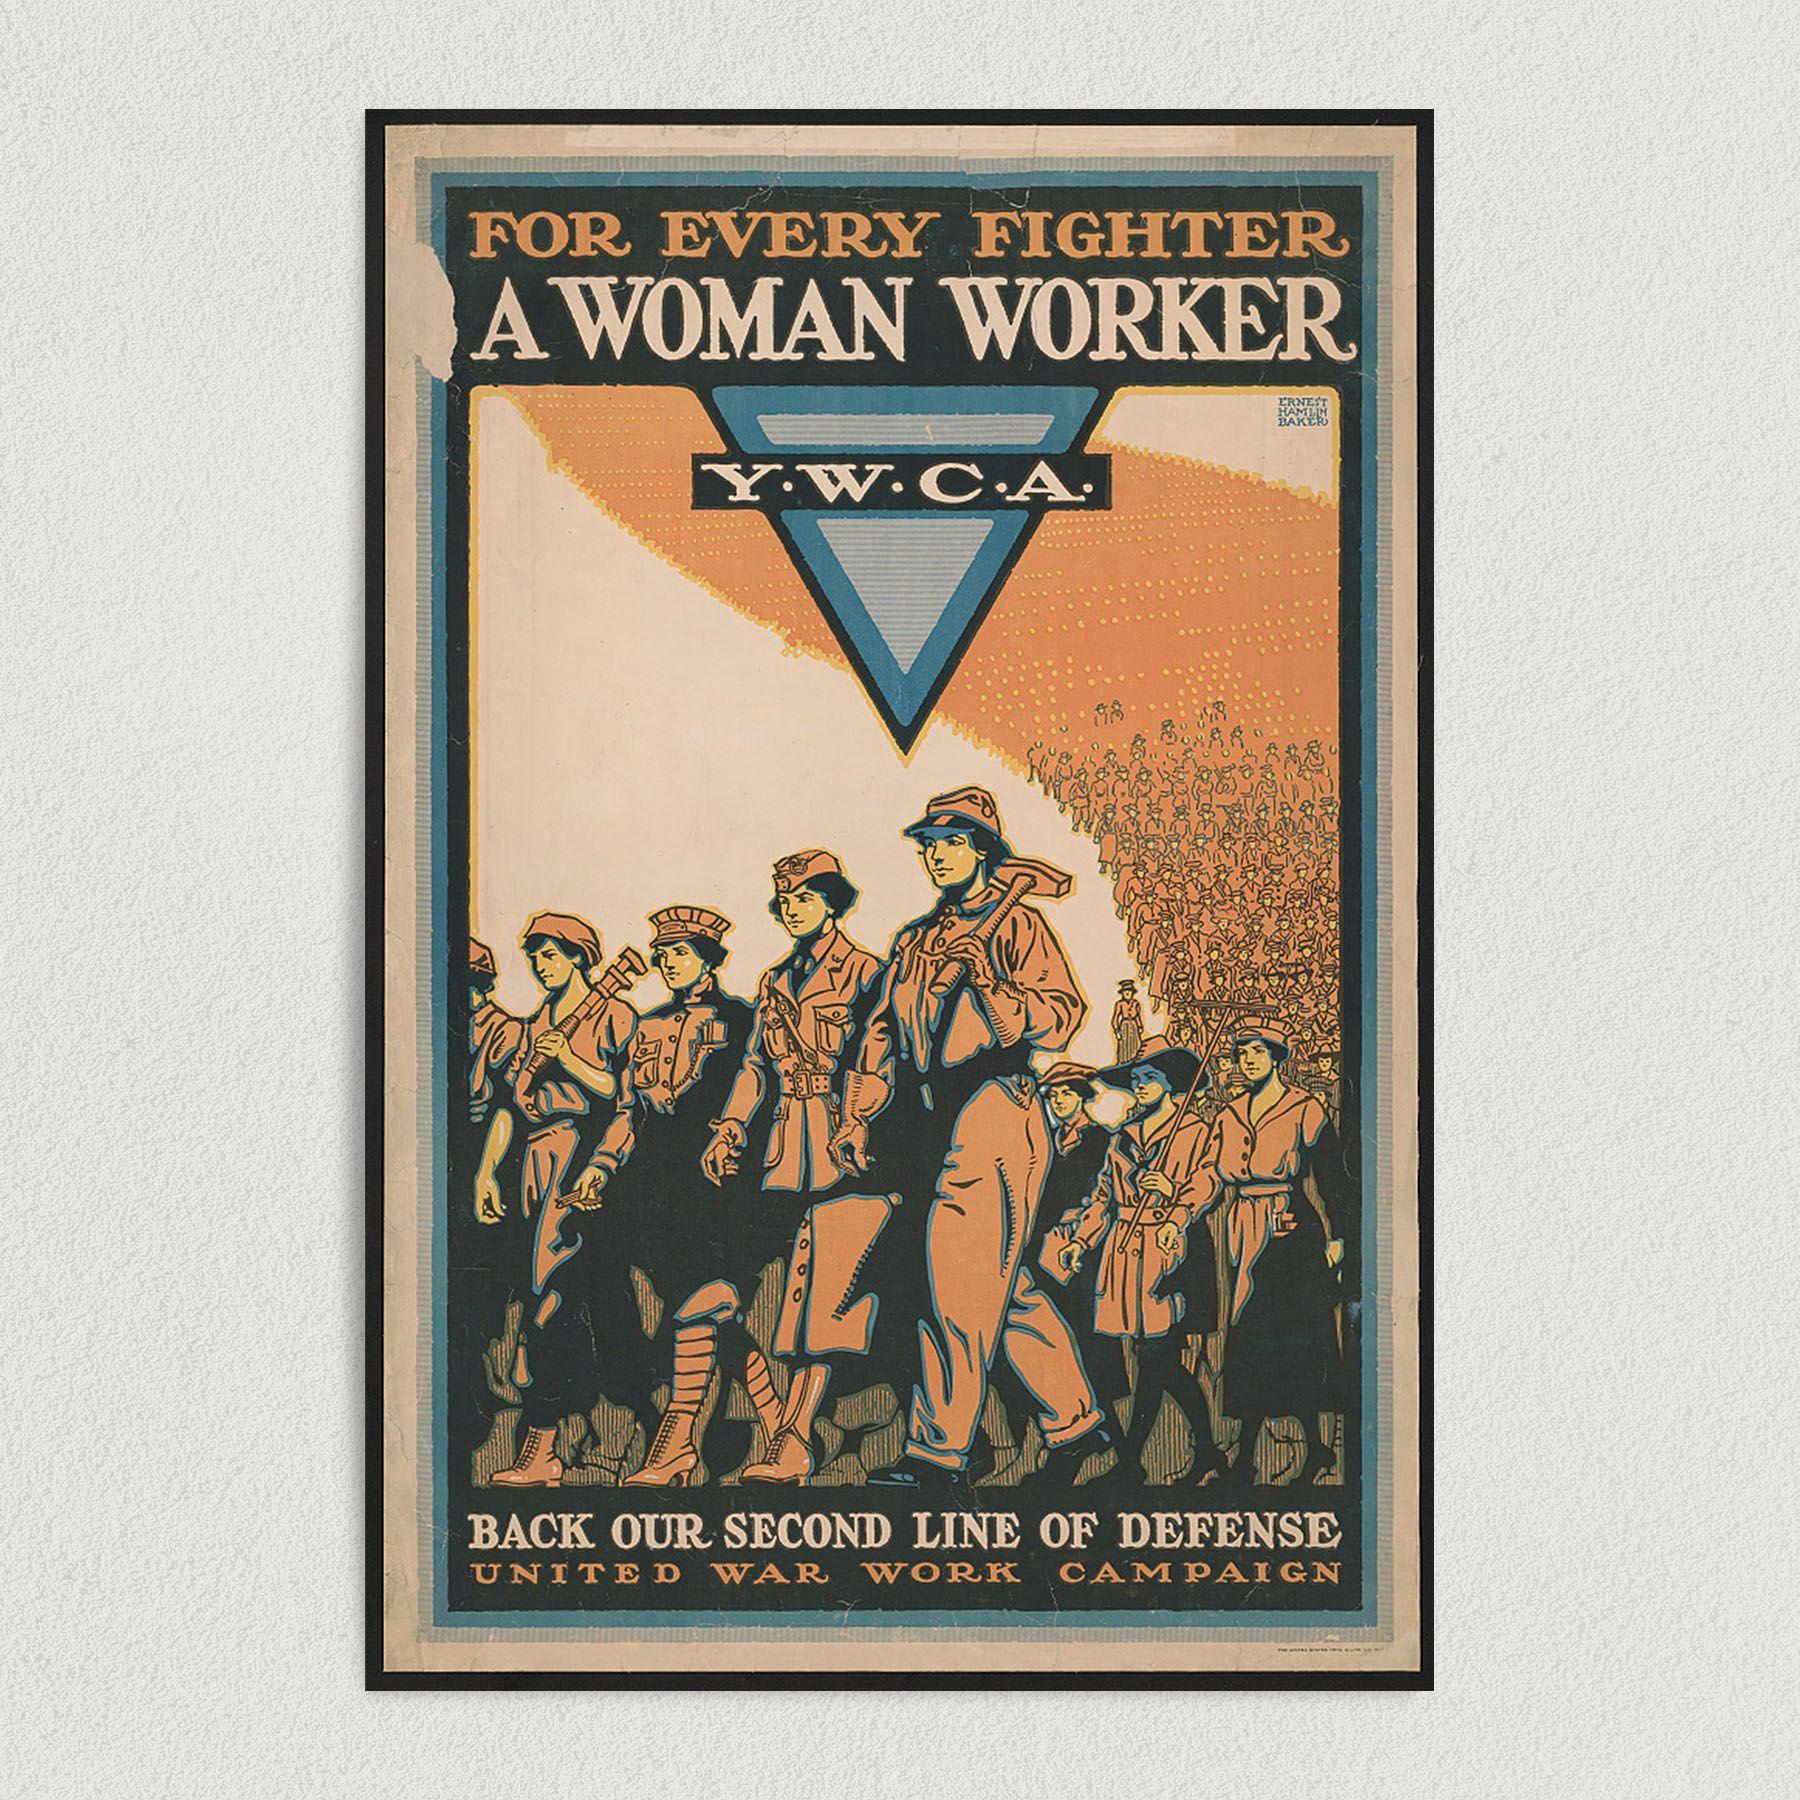 World War 2 Woman Worker U.S. Army Women Empowerment Art Print Poster 12″ x 18″ Wall Art G1000